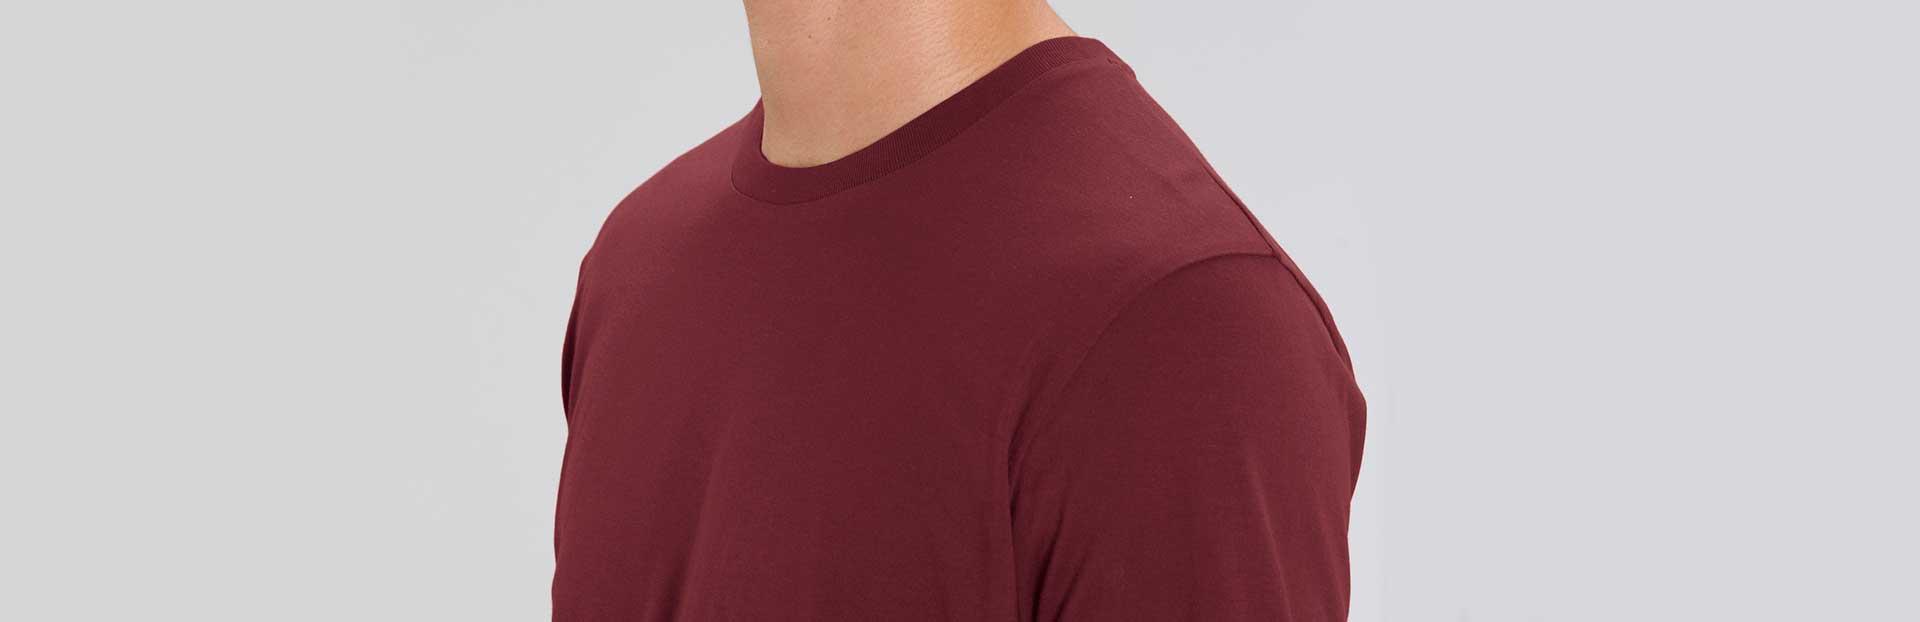 t-paidat omalla painatuksella